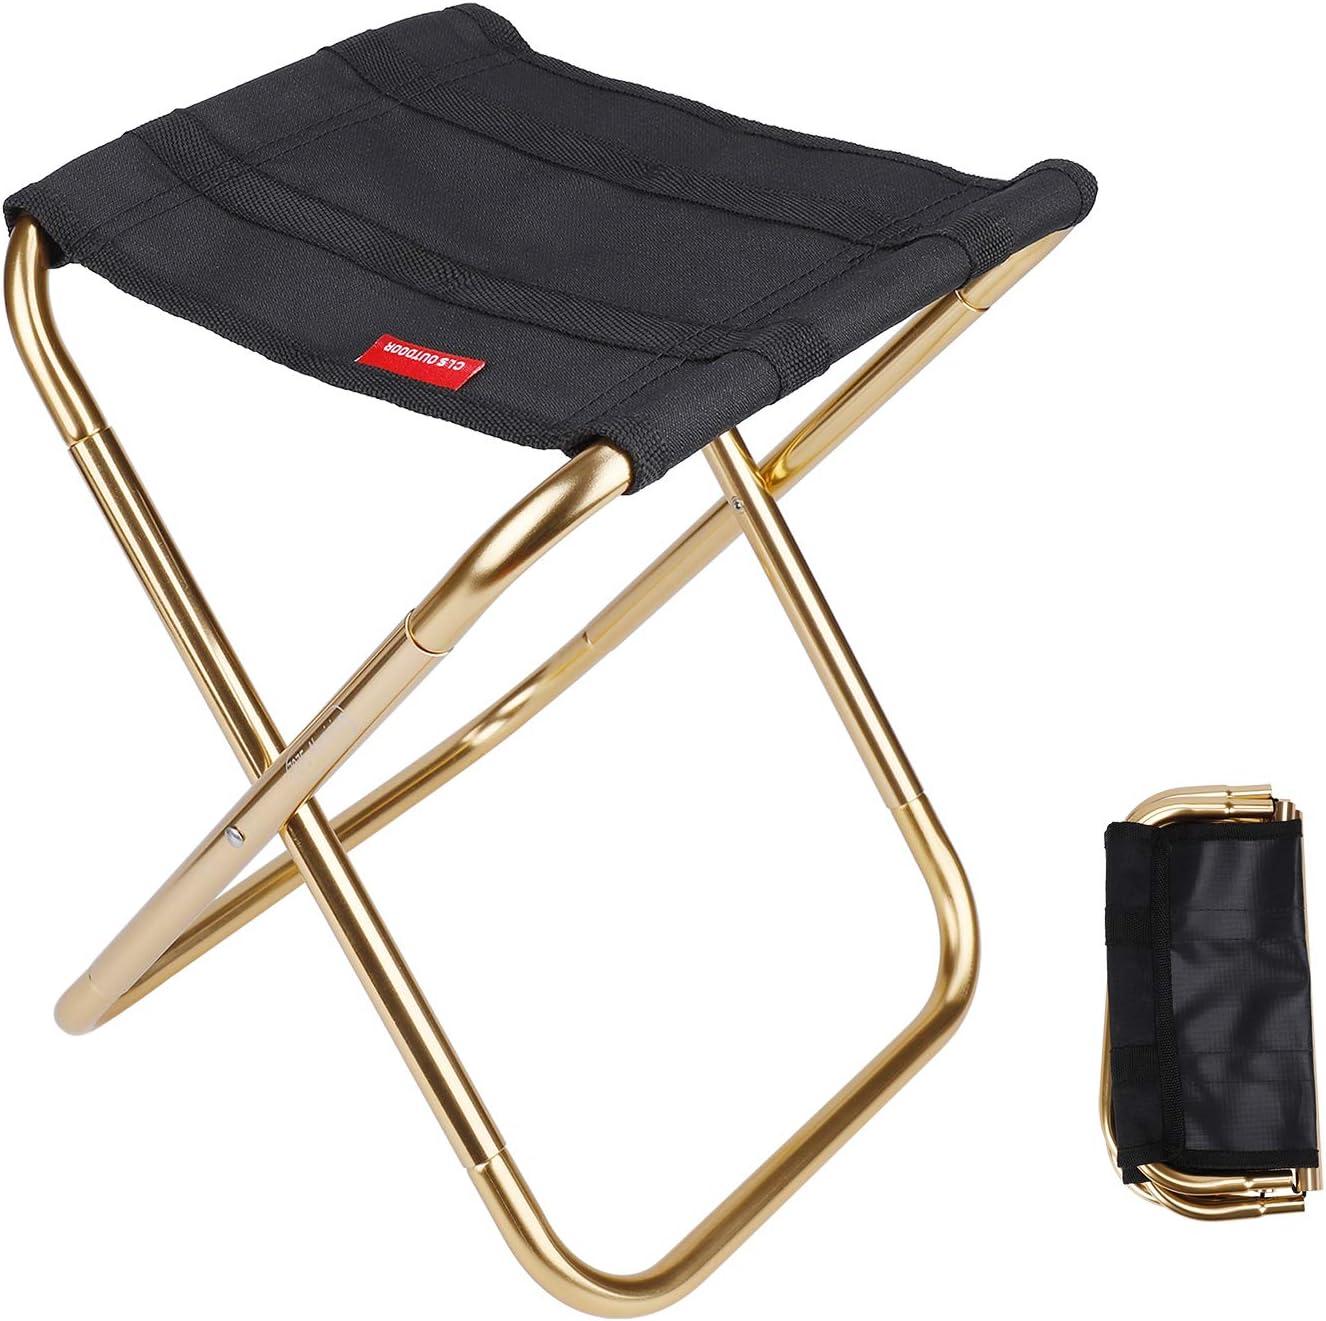 MengH SHOP Tabouret Pliant de Camping Mini Tabouret Chaise de Camping Siege Assise Pliant Portable pour Pêche Randonnée BBQ Voyage Noir